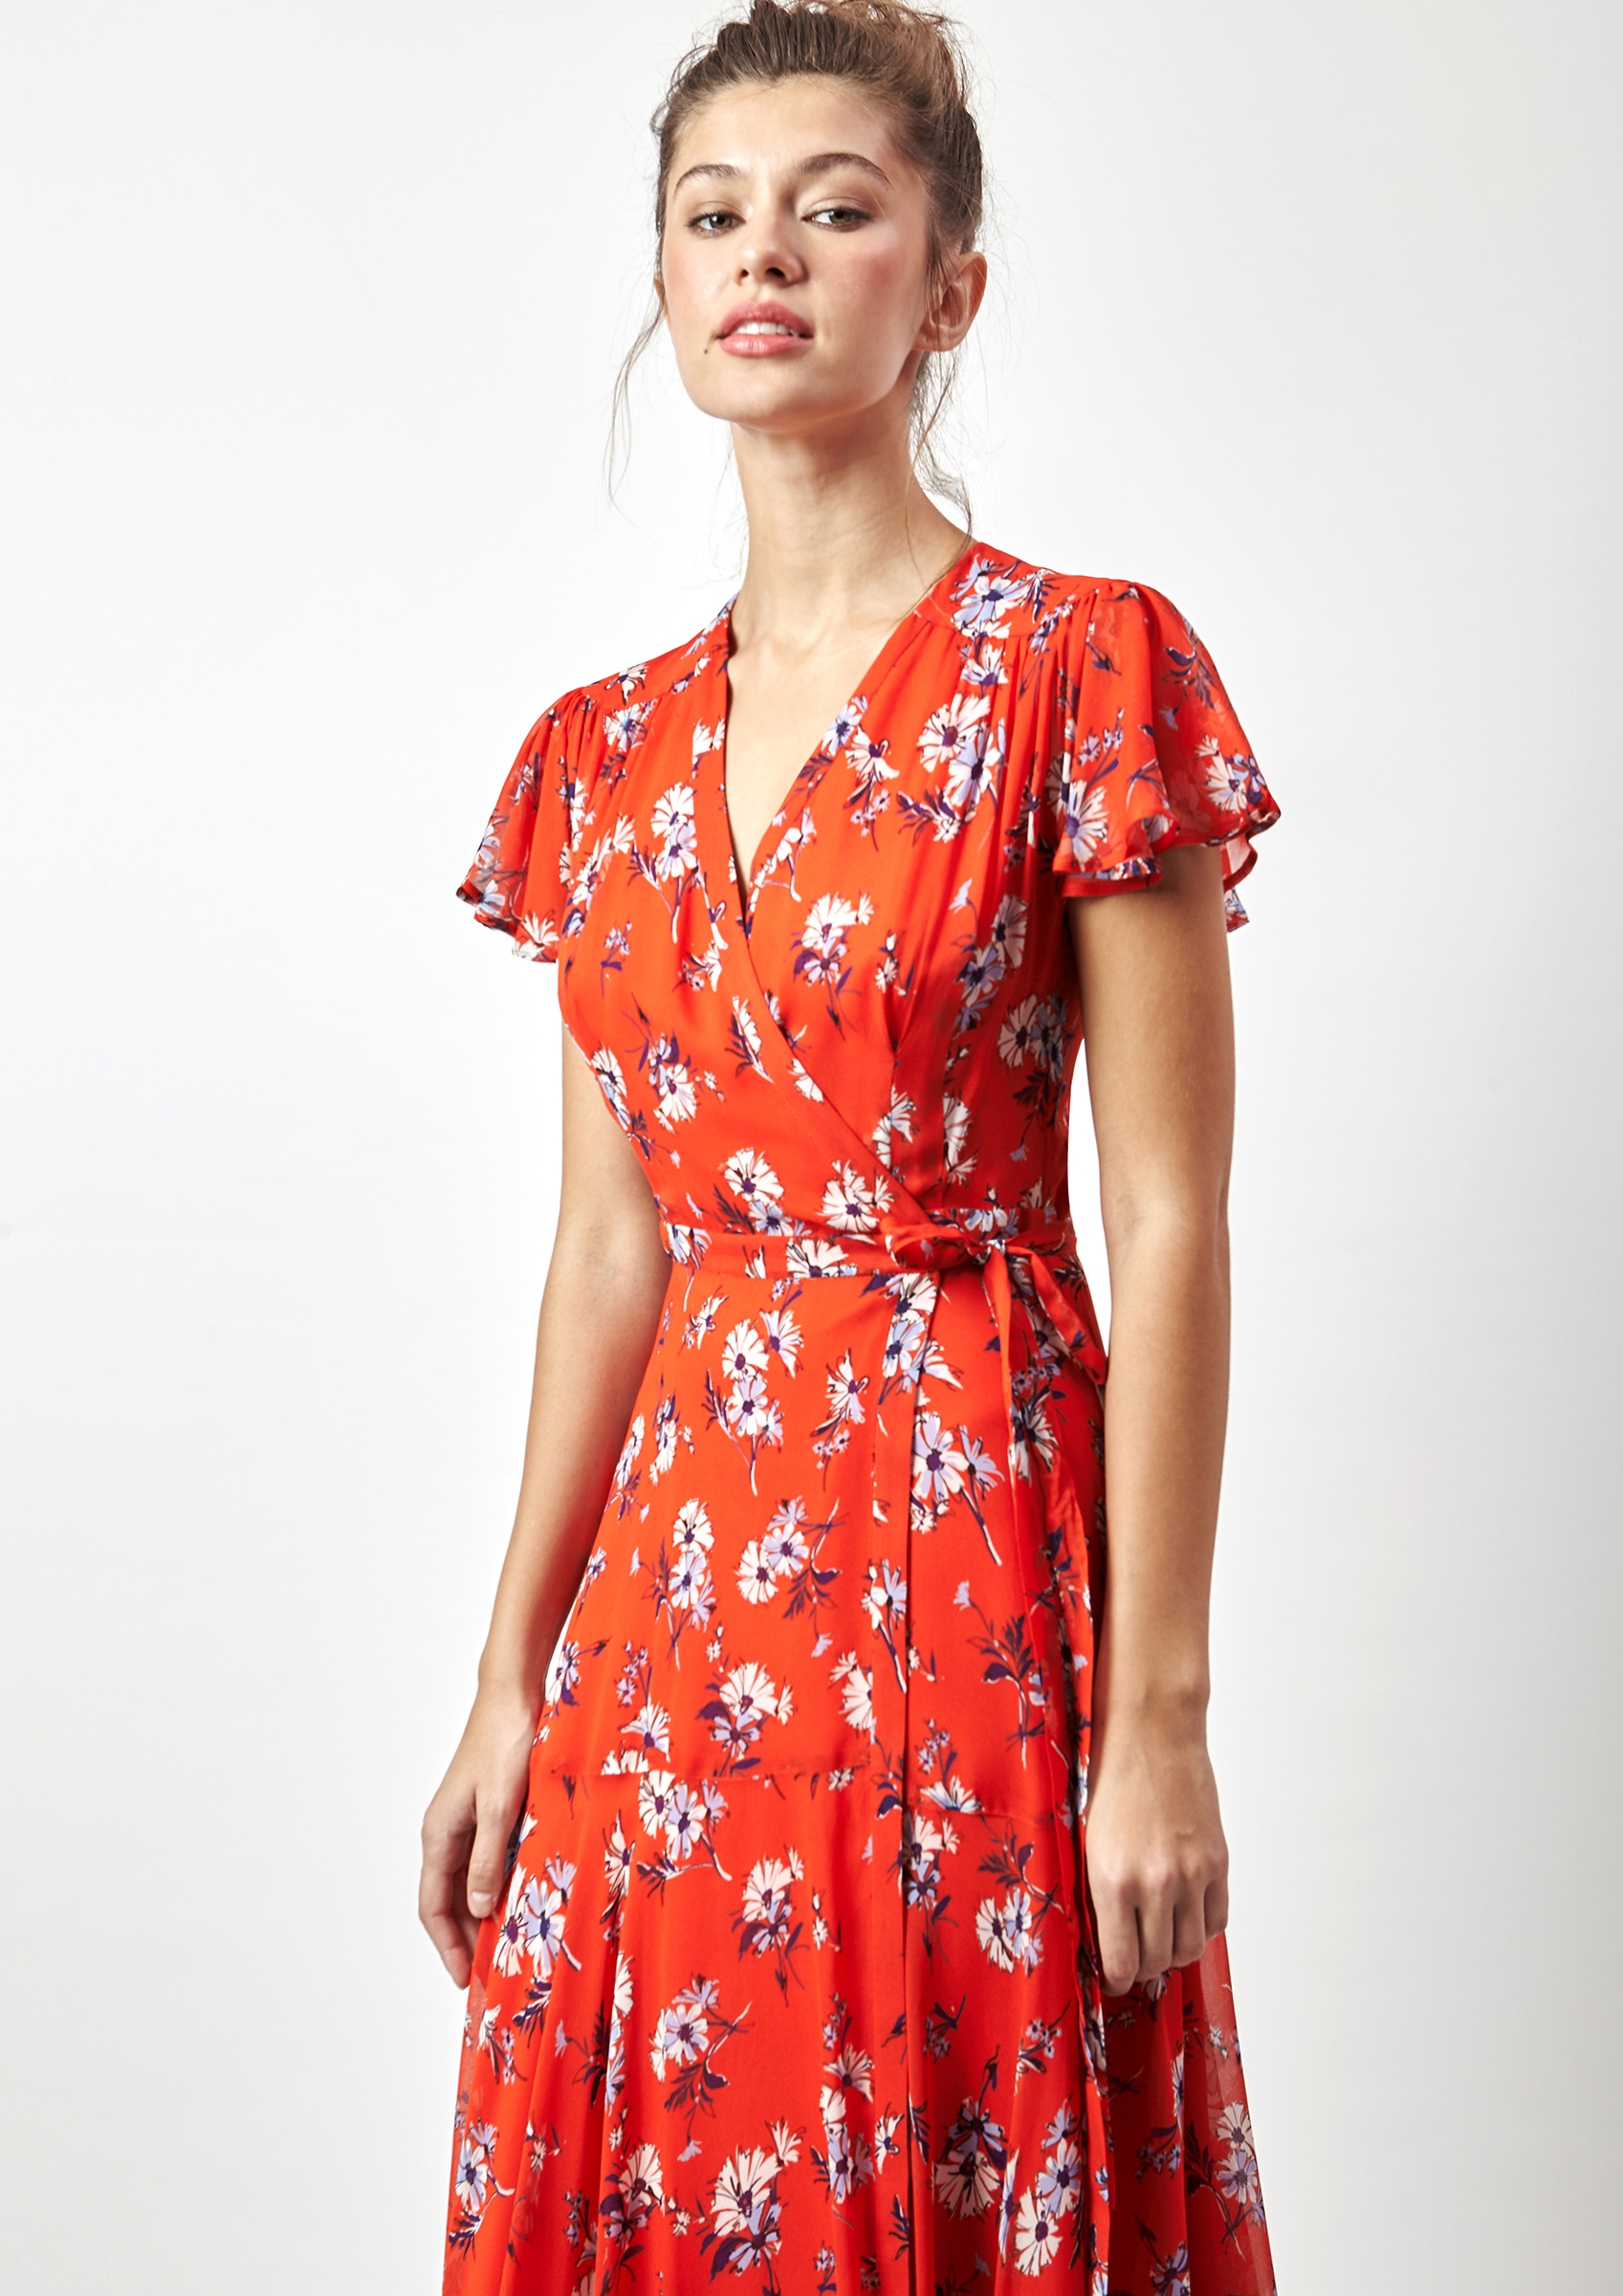 95c7c6302 Vestido estampado floral en rojo